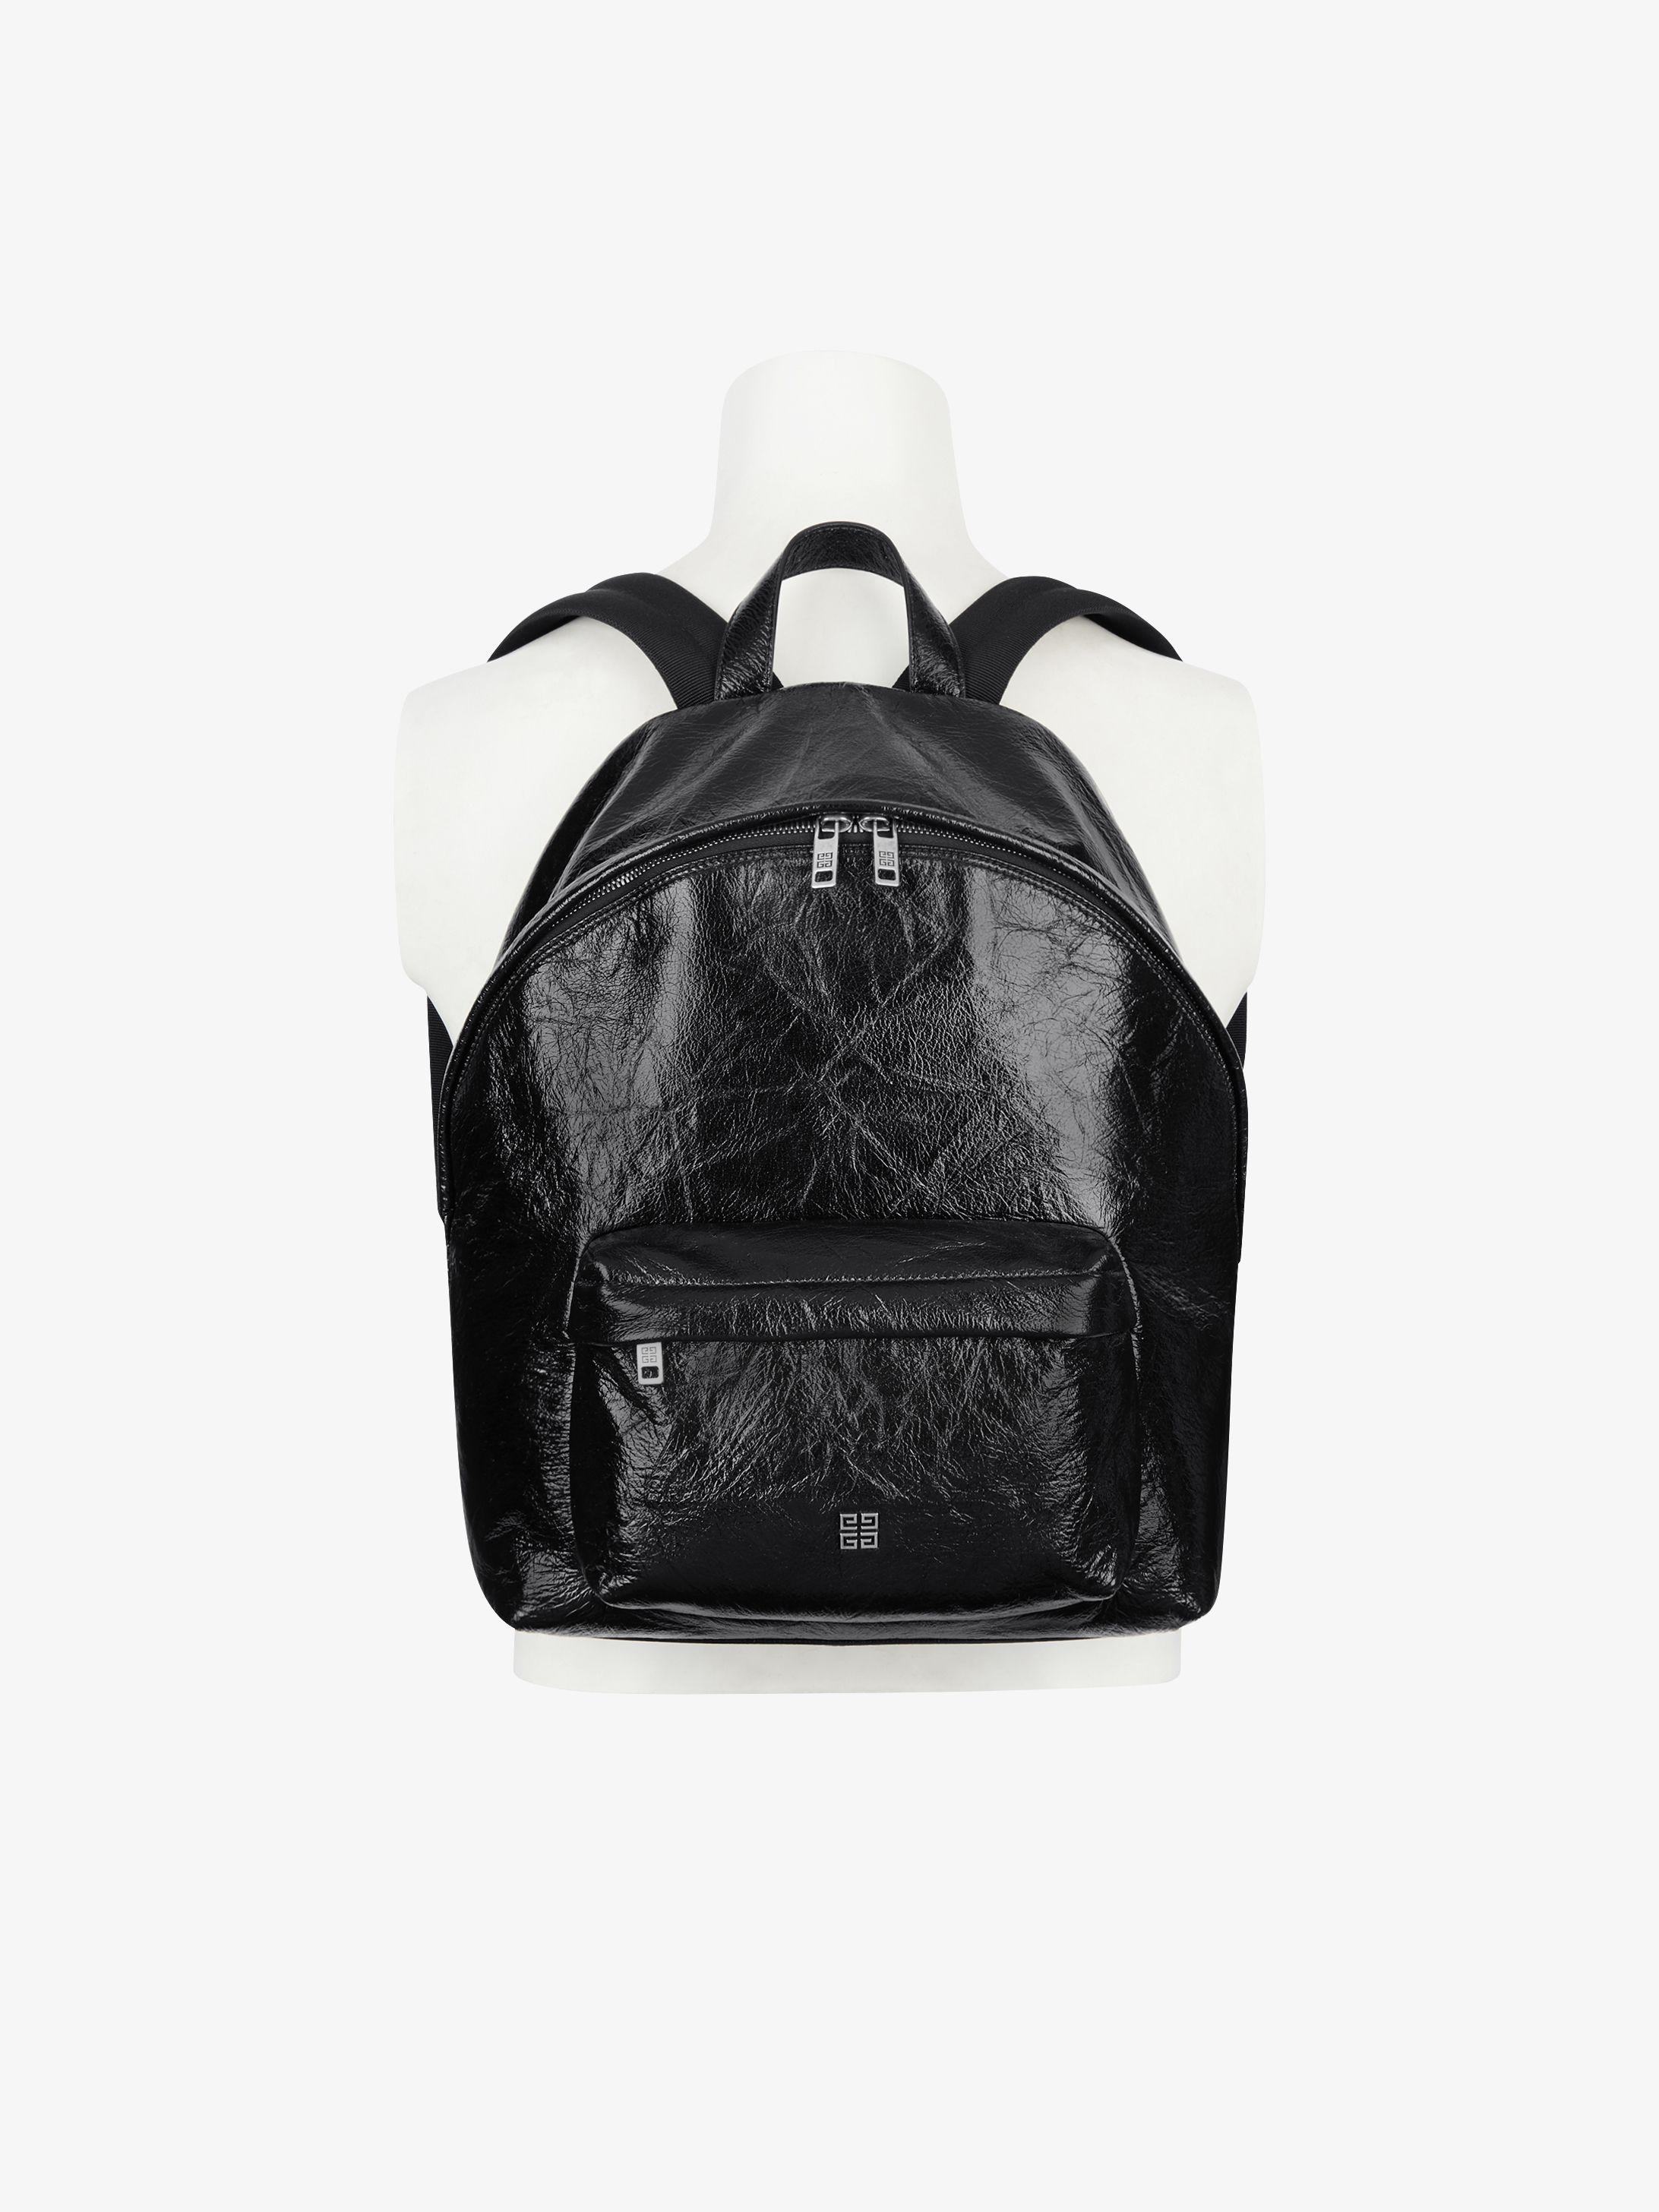 4fe4ef64fde6 Givenchy Backpack in vintage leather